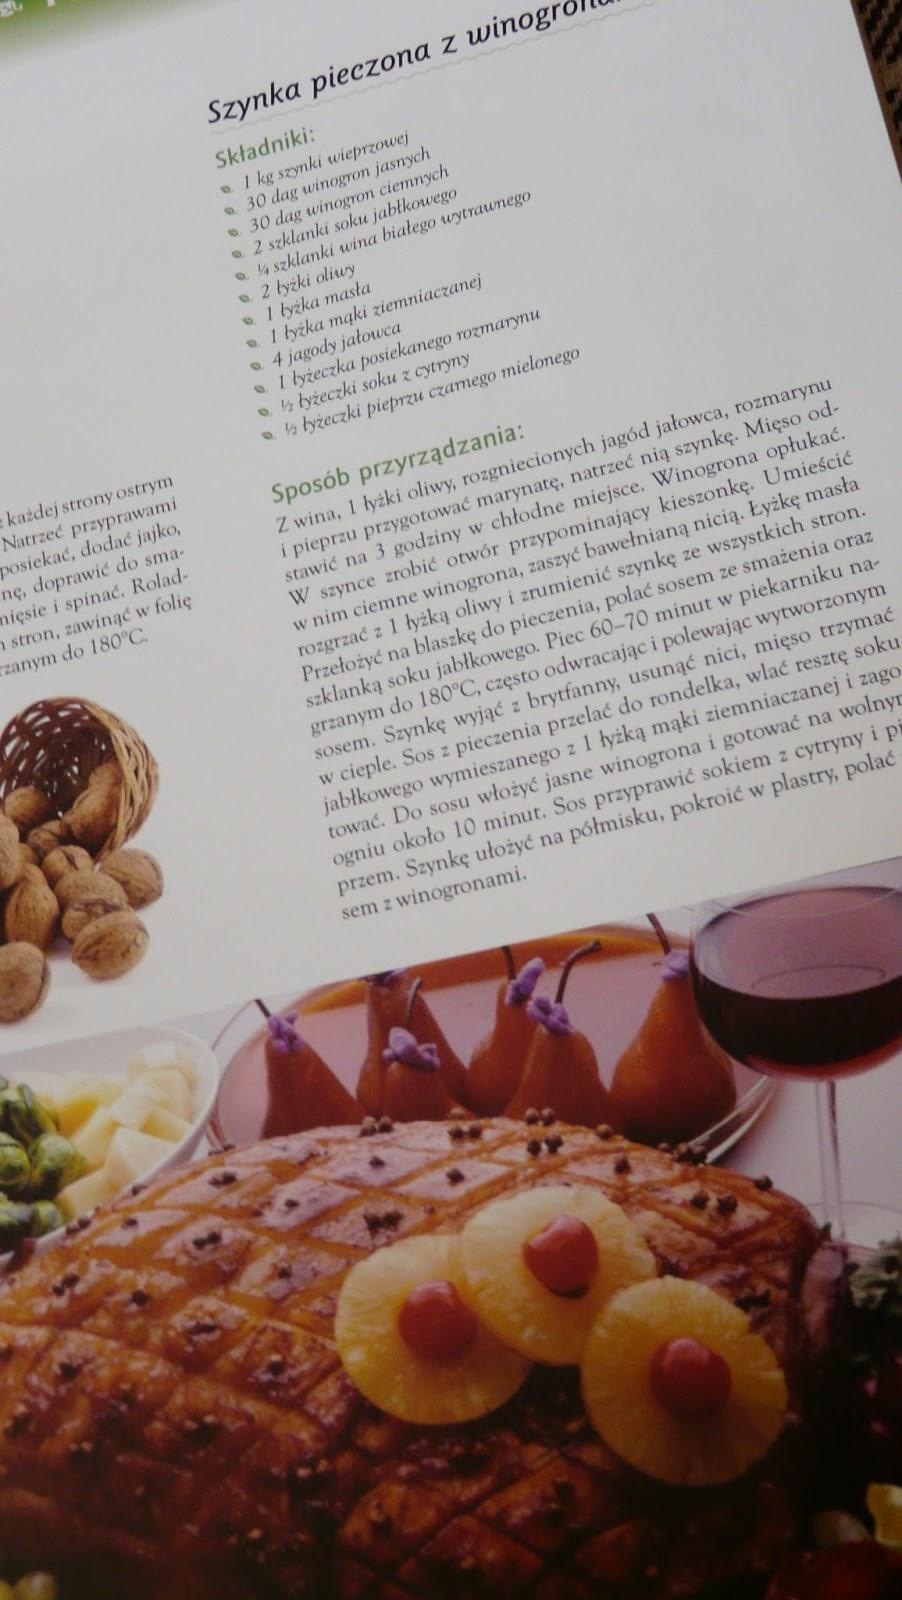 Książka Na Talerzu 4 Wielka Encyklopedia Kuchni Polskiej